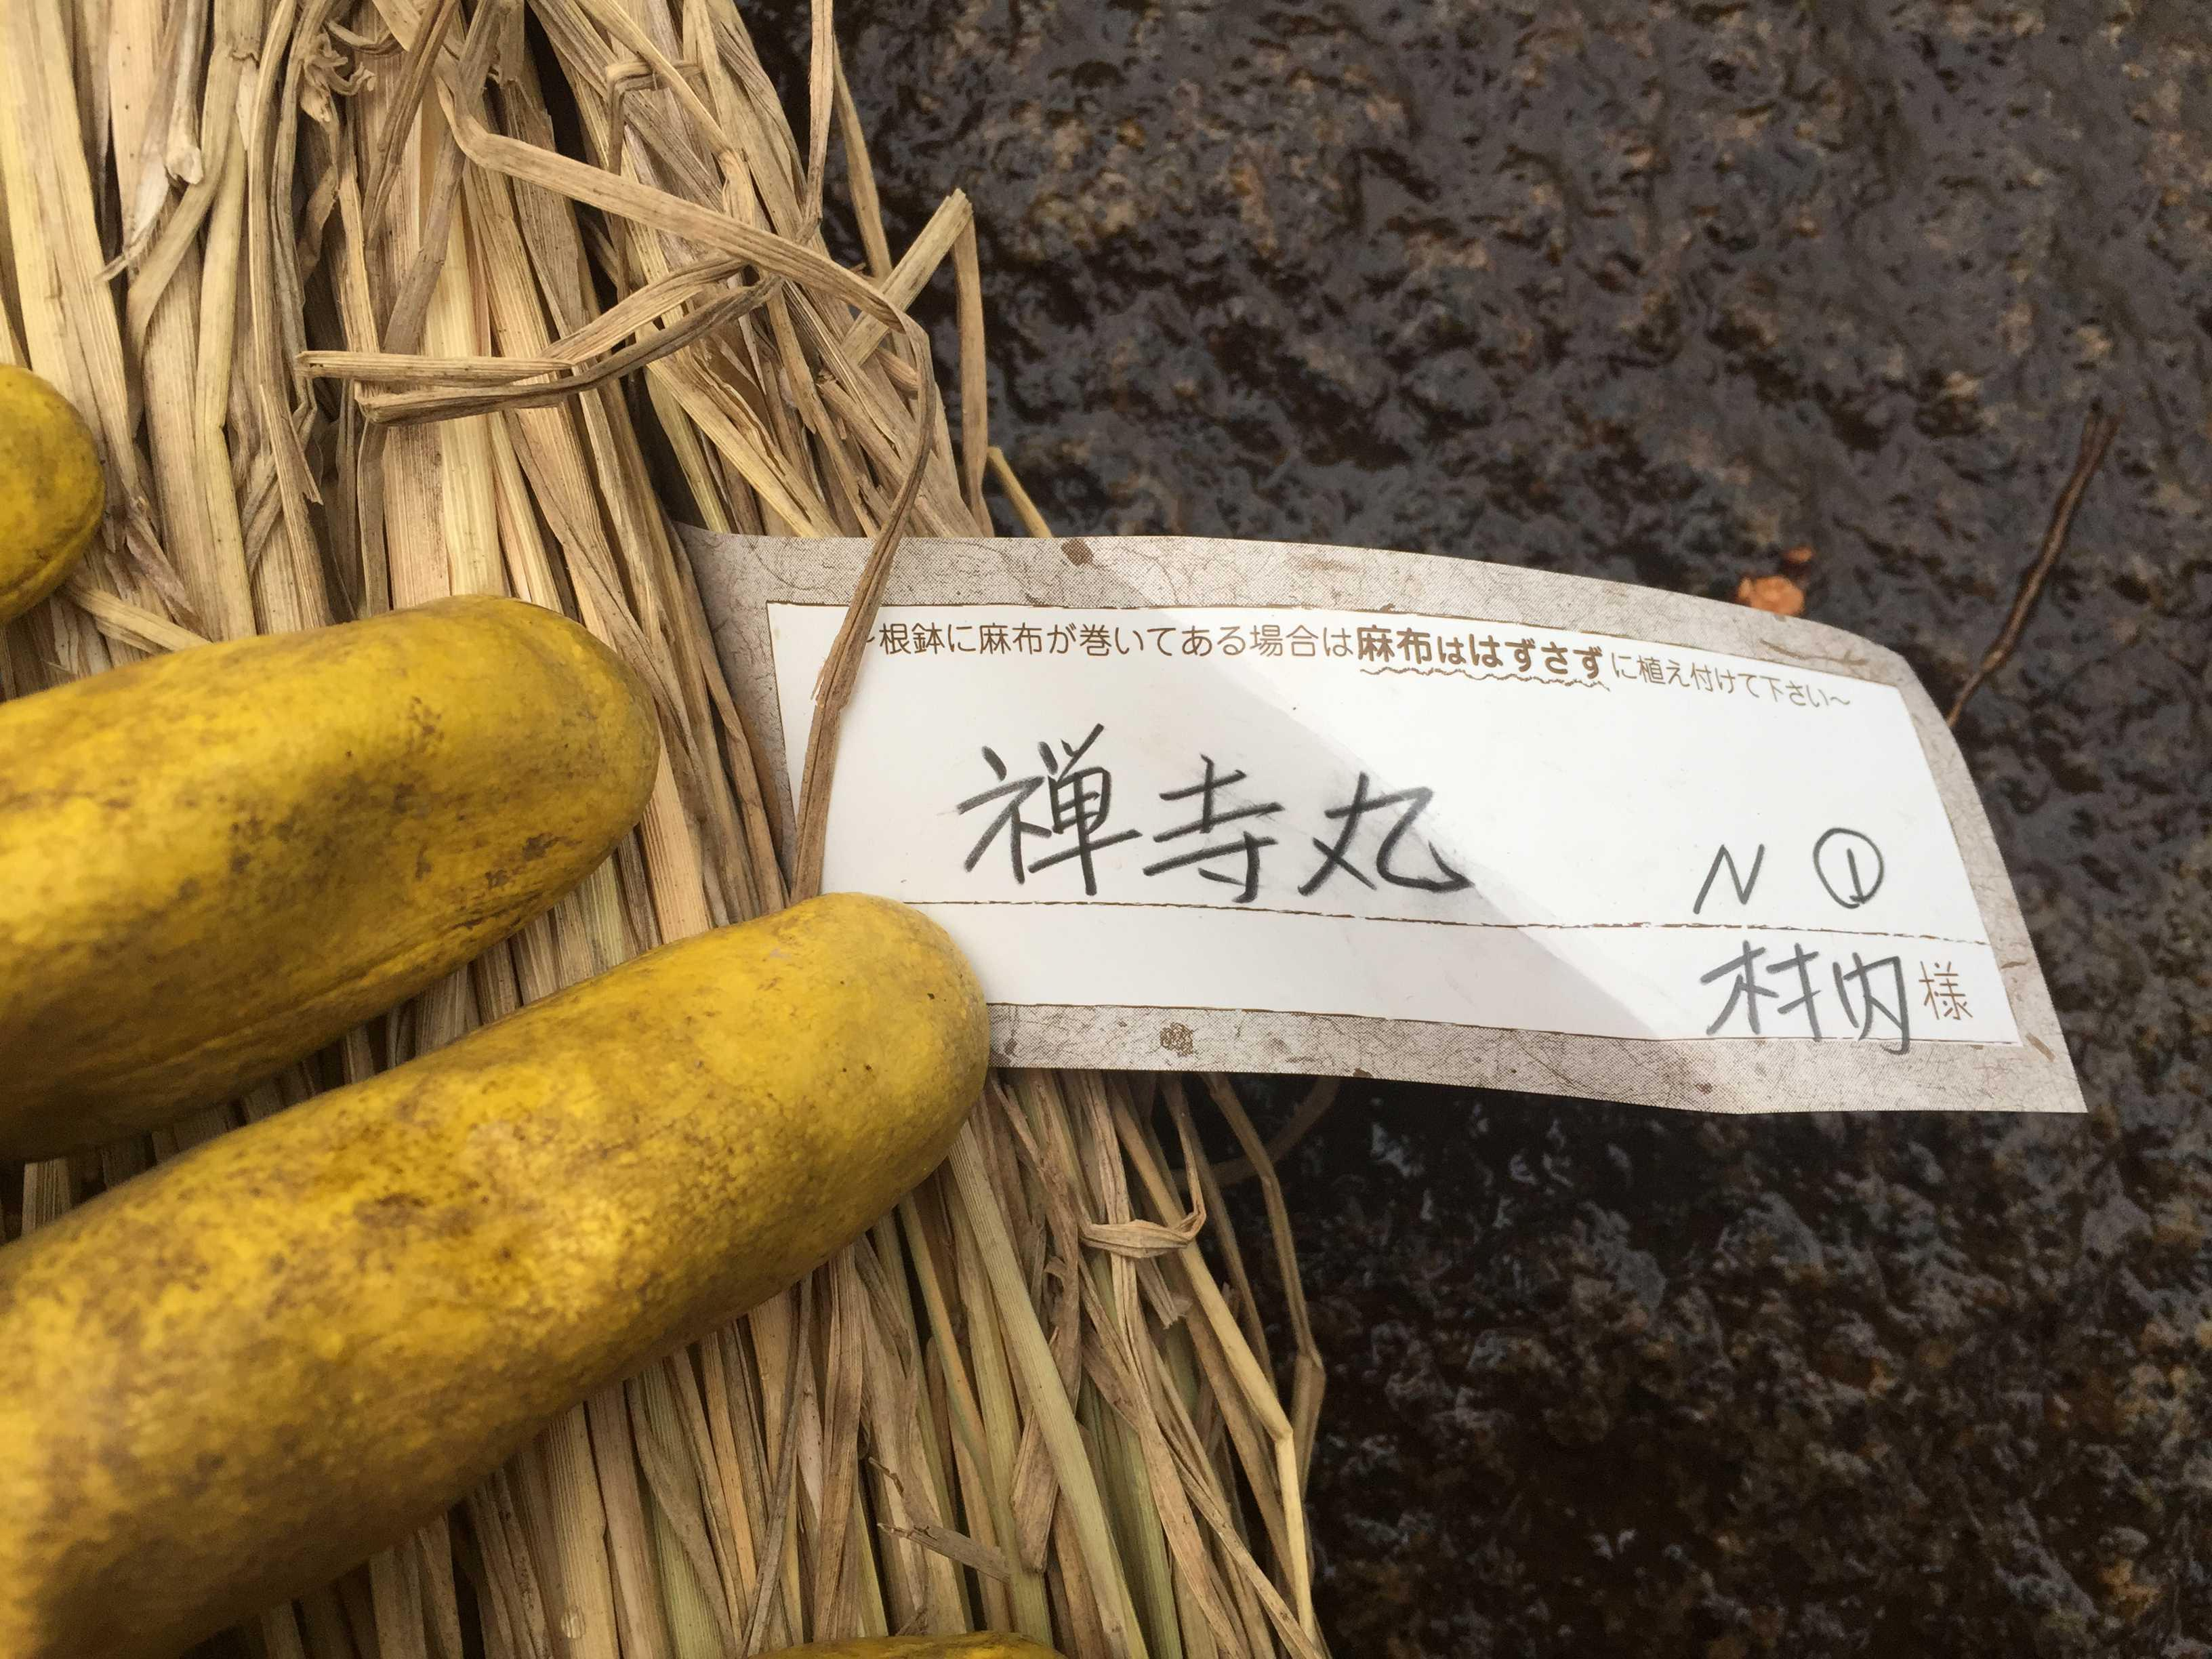 禅寺丸柿(ぜんじまる/ゼンジマル)